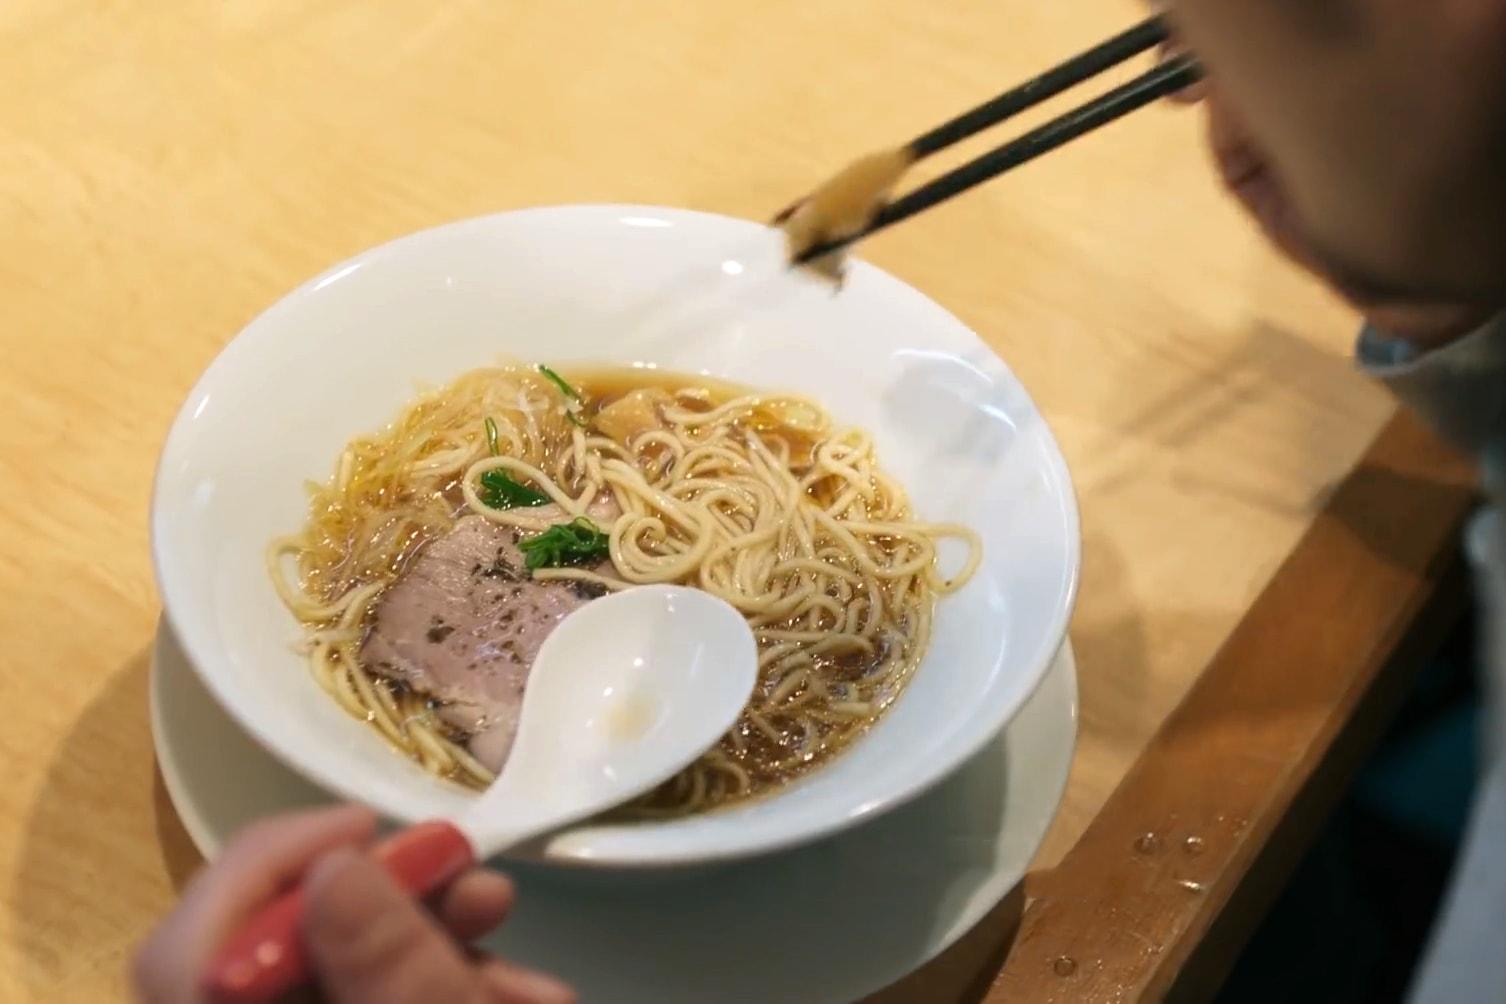 ramen-worlds-best-restaurant-with-michelin-star-0